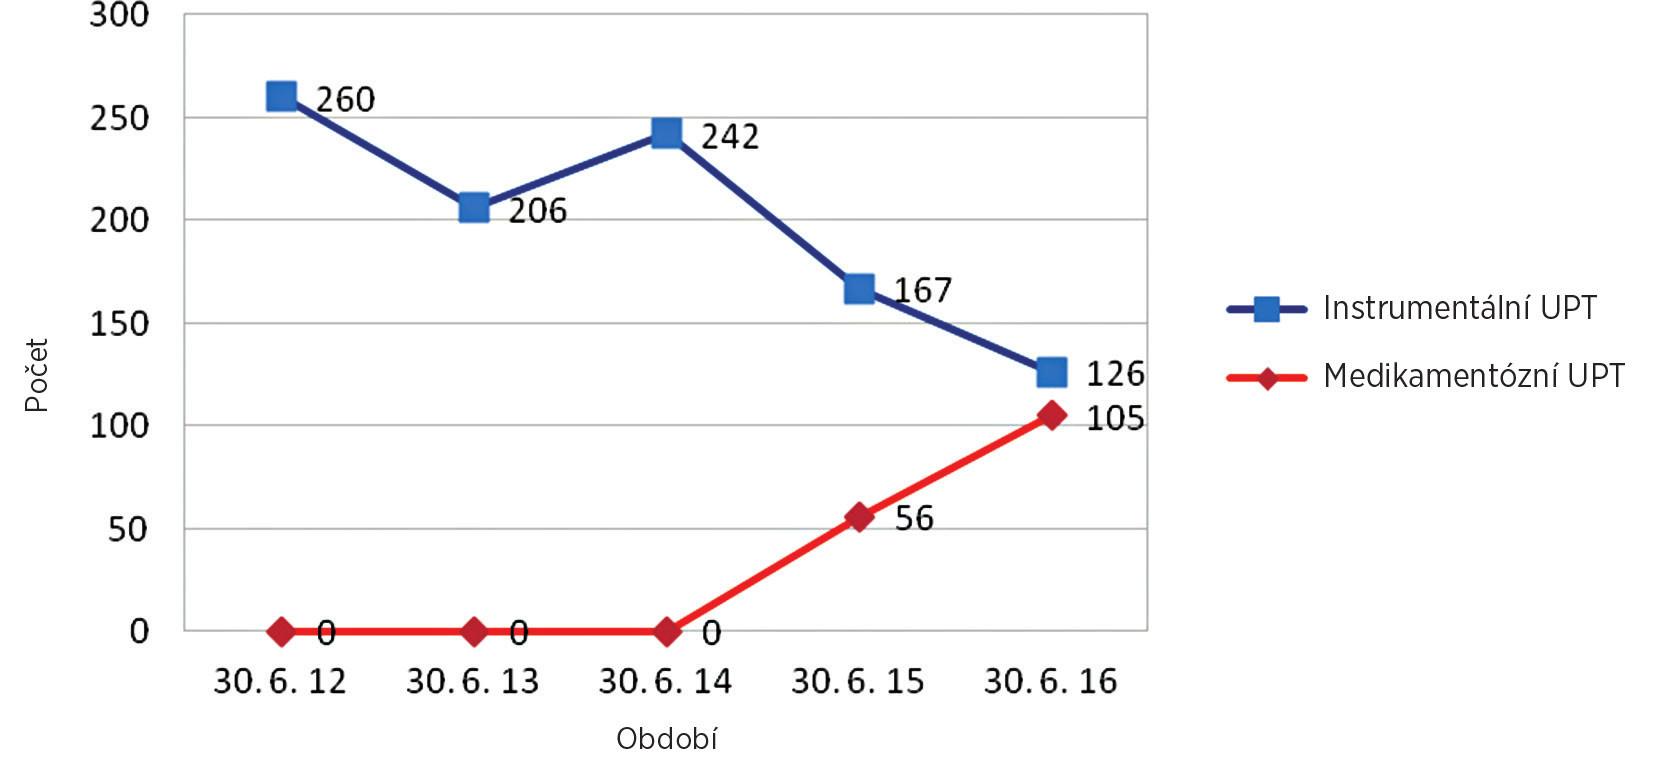 Srovnání počtů instrumentálního a medikamentózního ukončení těhotenství